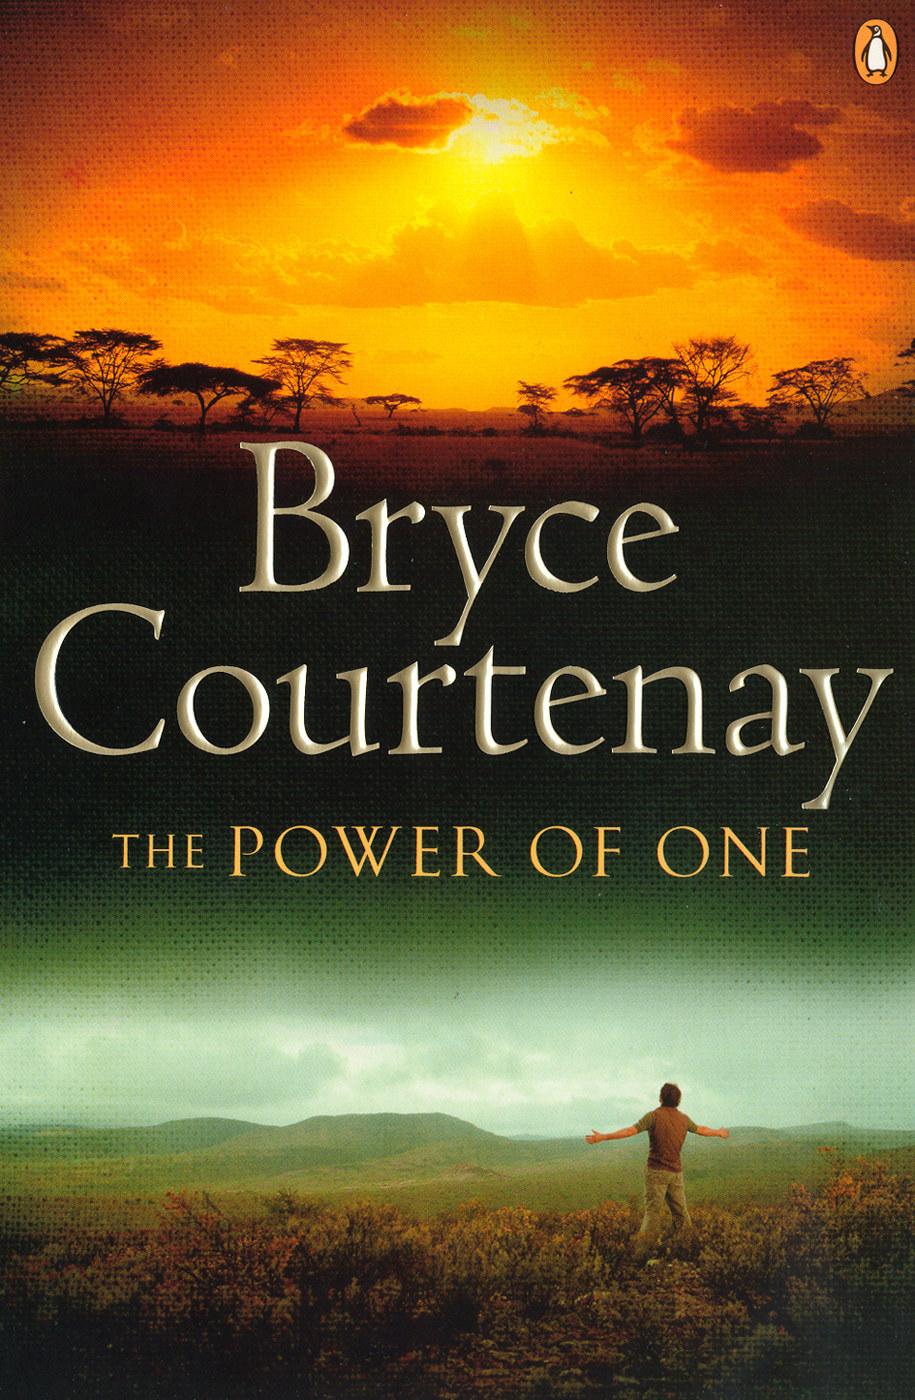 the power of one novel cover.jpg